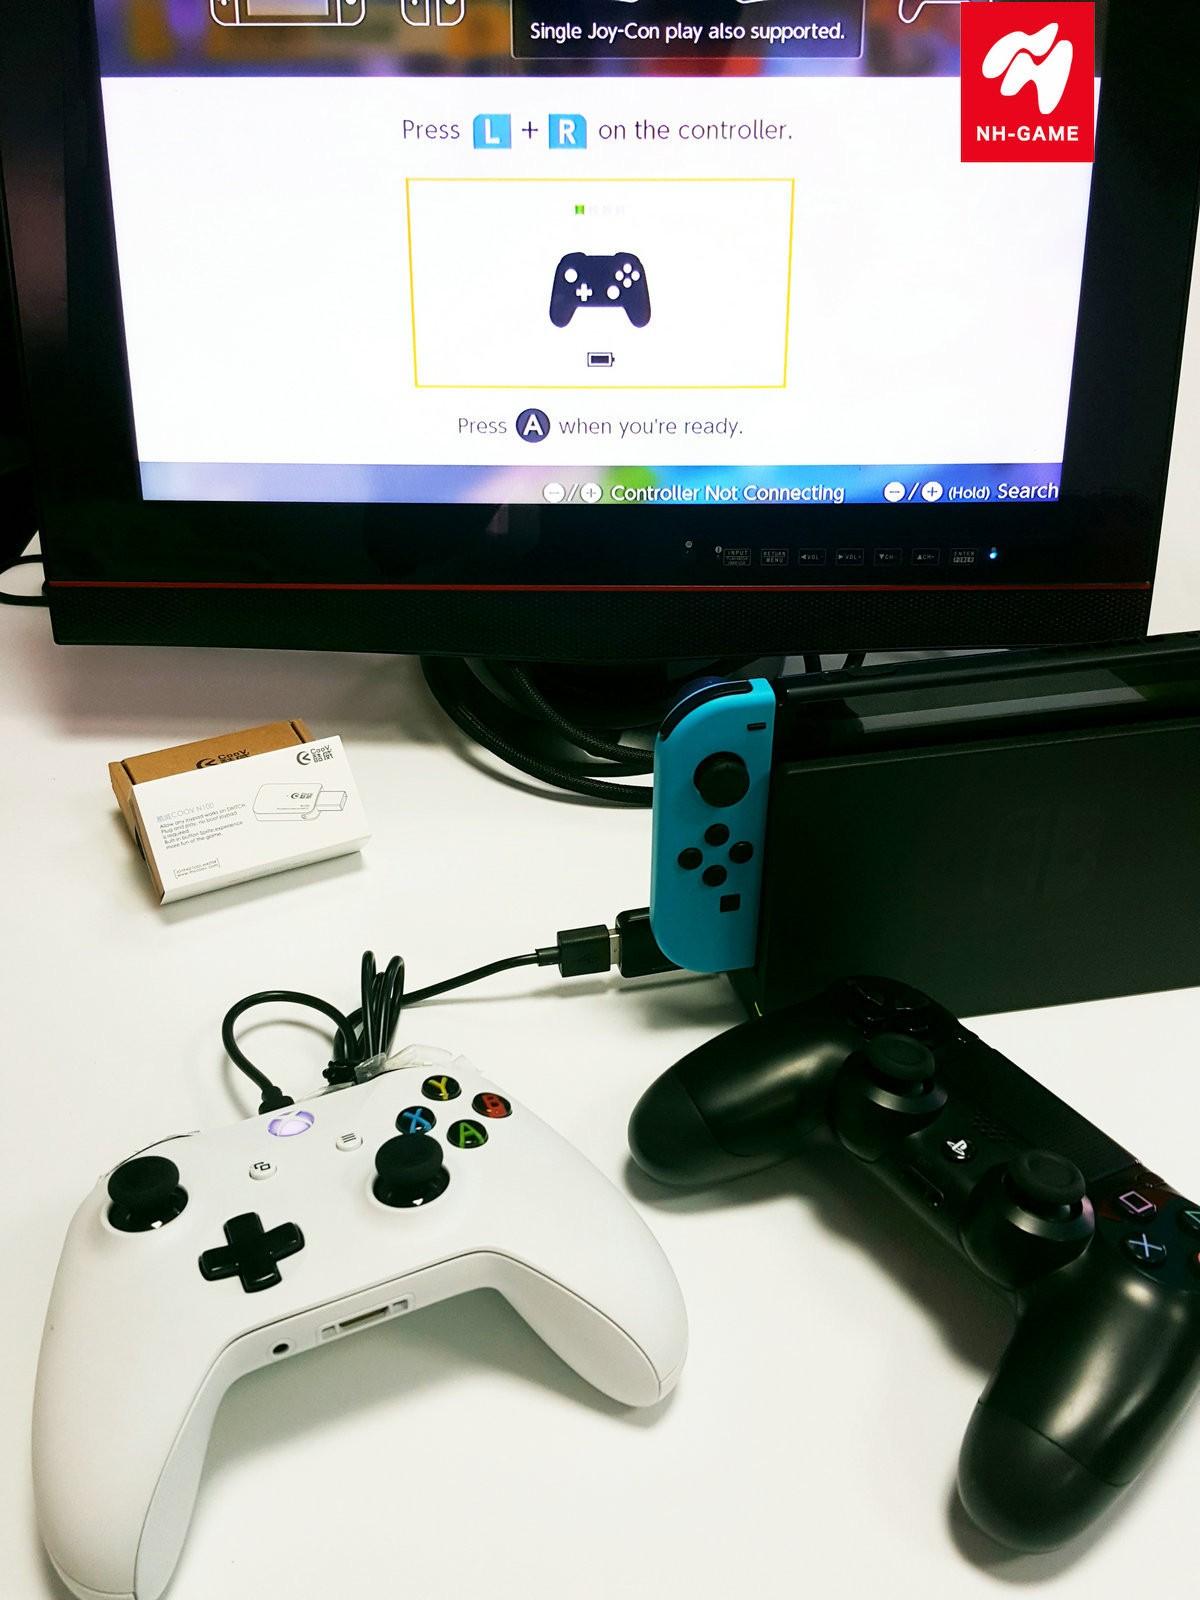 Coolway N100 SWITCH конвертер поддерживает PS3 PS4 XBOX ONE джойстик NS конвертер